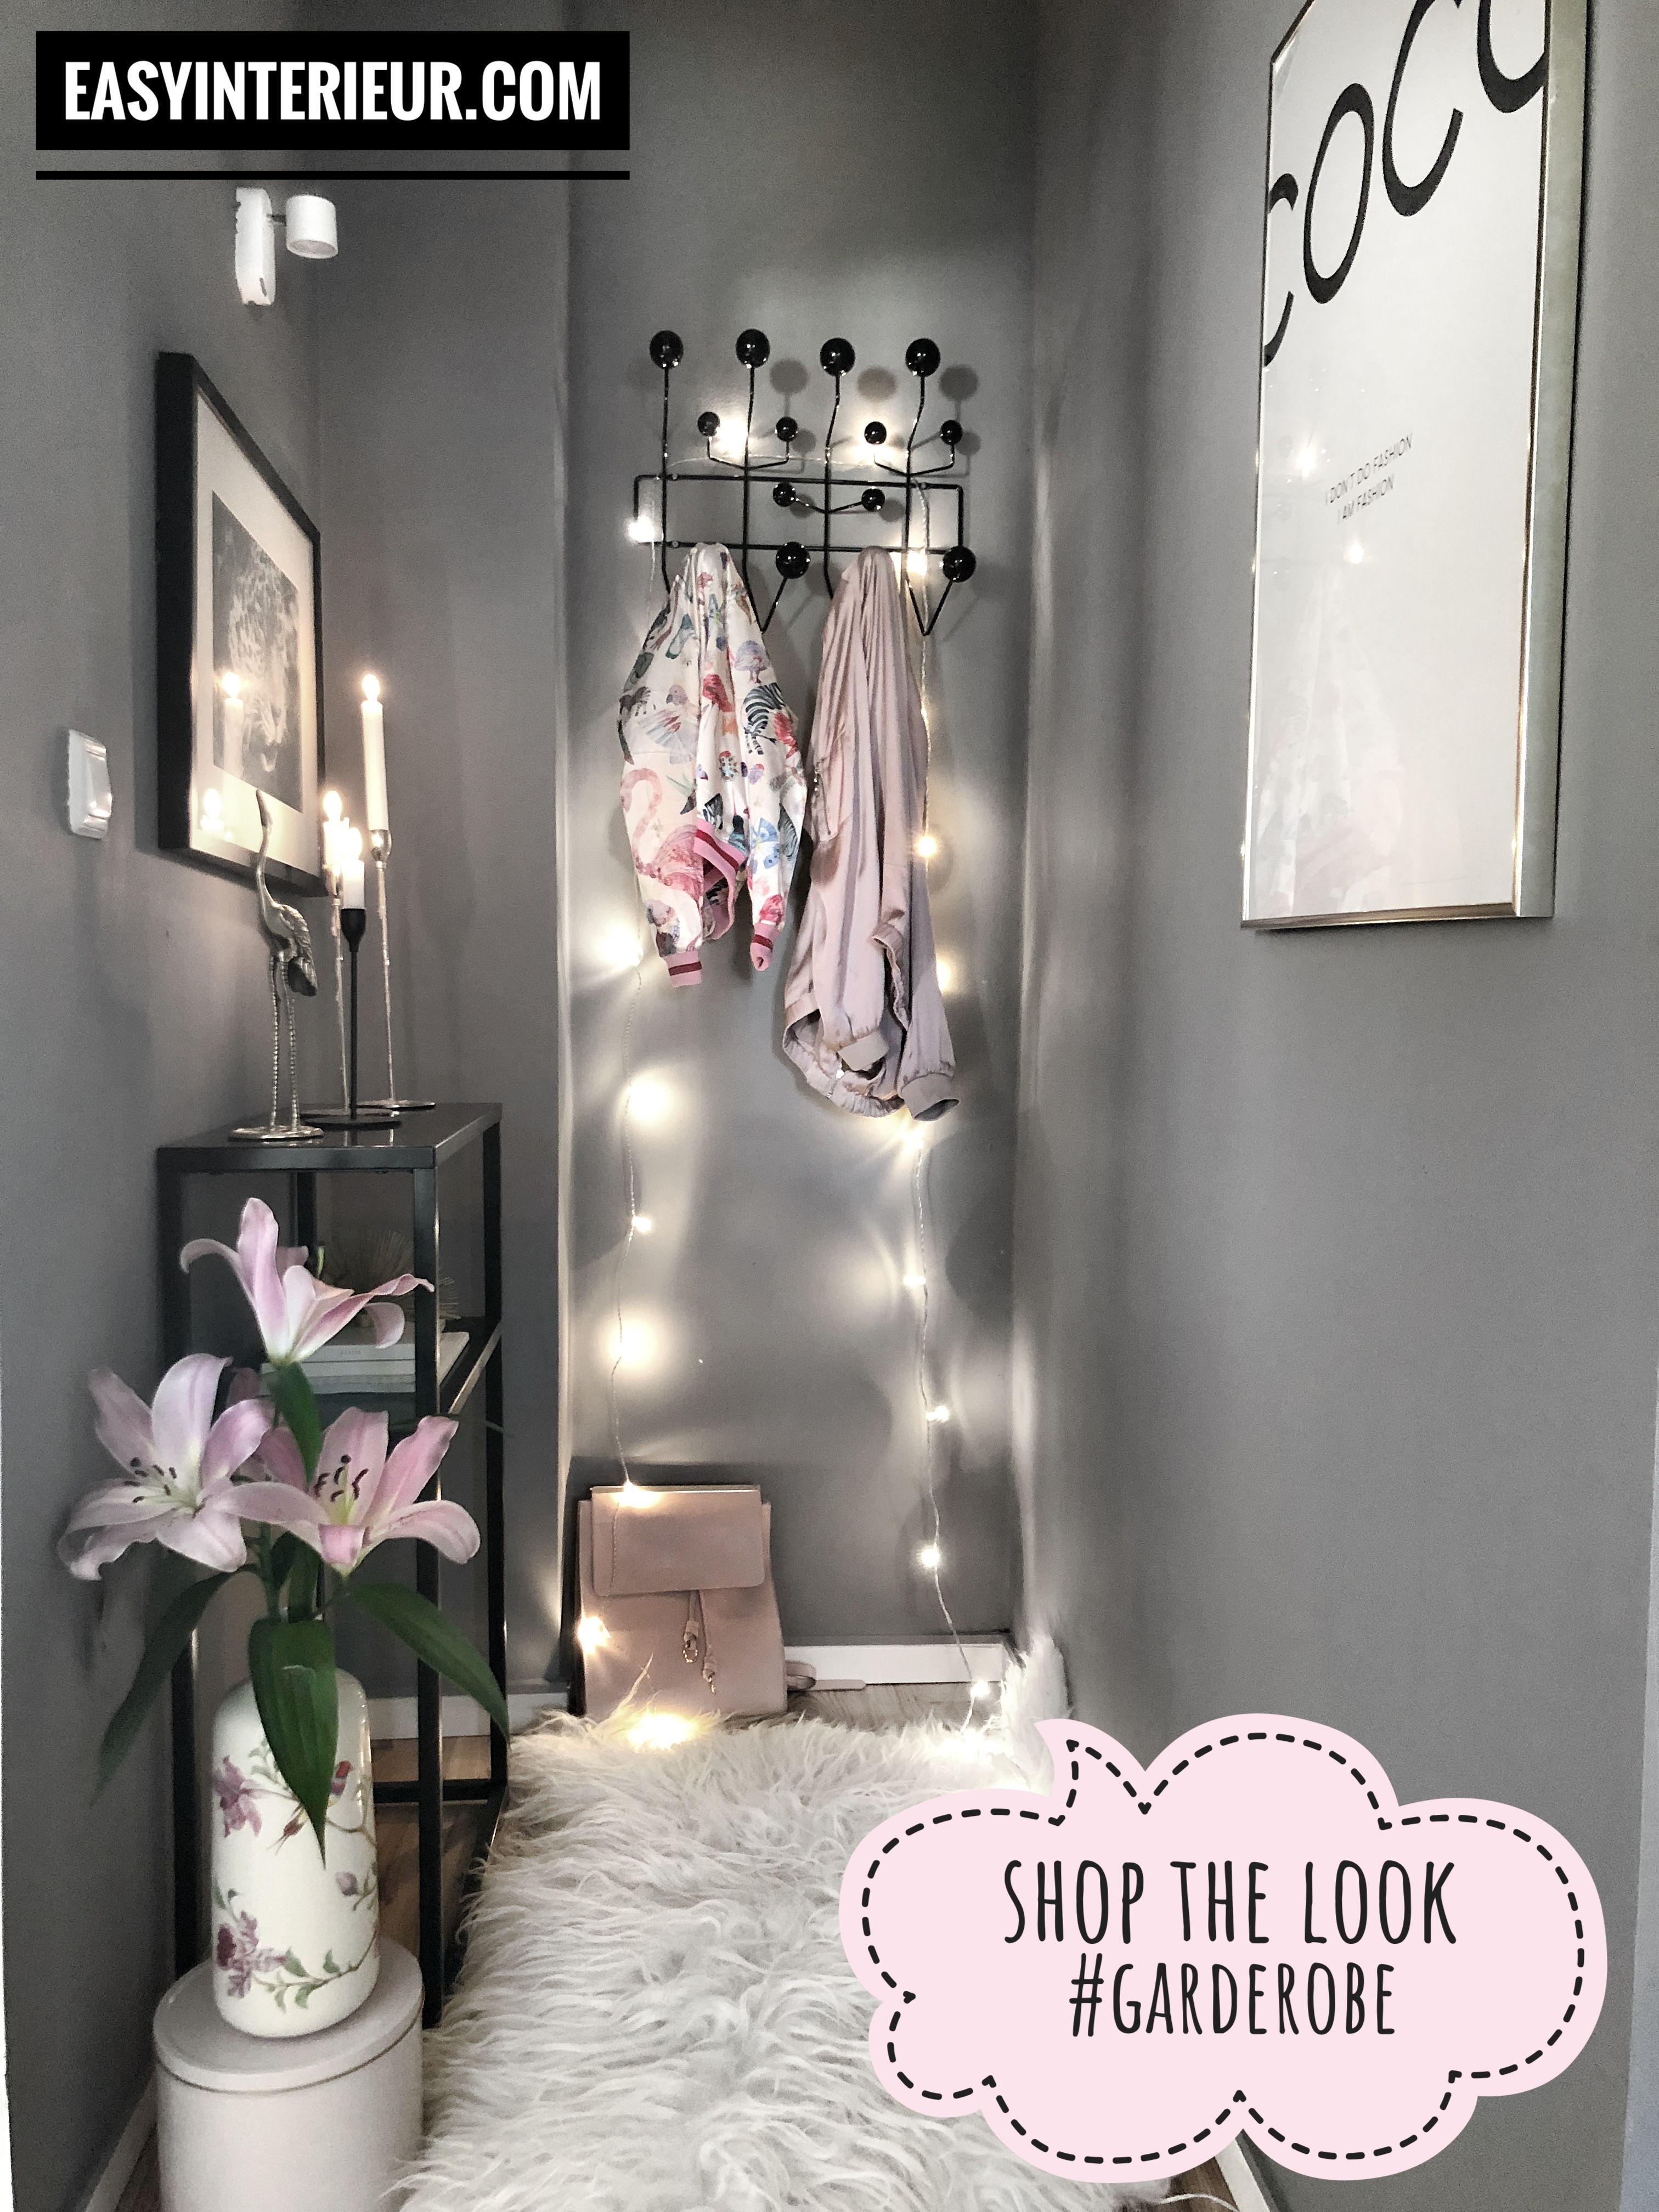 Werbung Garderobe Klein Small Flur Inspo Inspiration Lichterkette